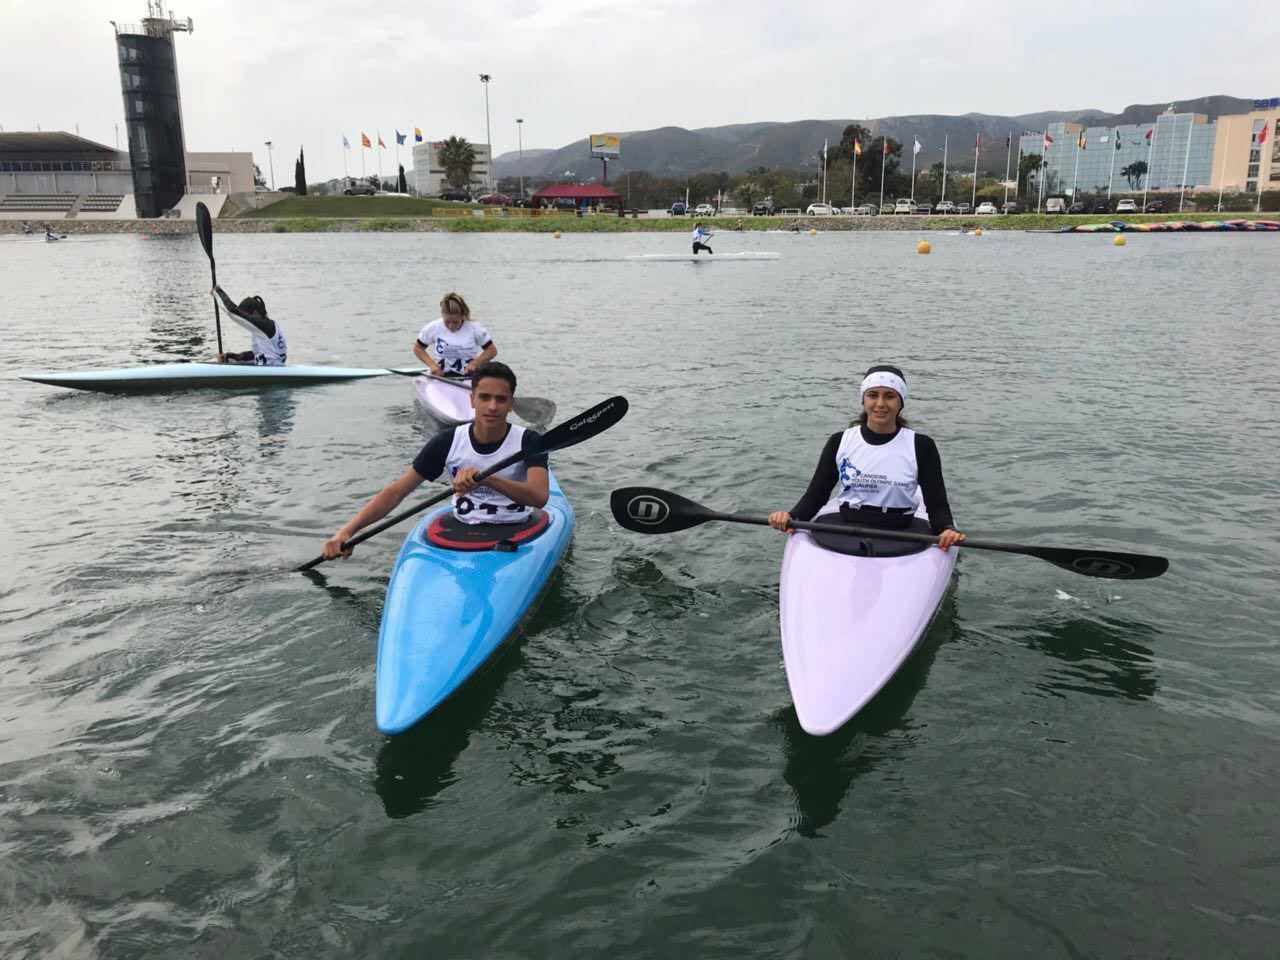 رقابت های قایقرانی گزینشی المپیک نوجوانان/سماکی و واحدی به آرژانتین نرسیدند!